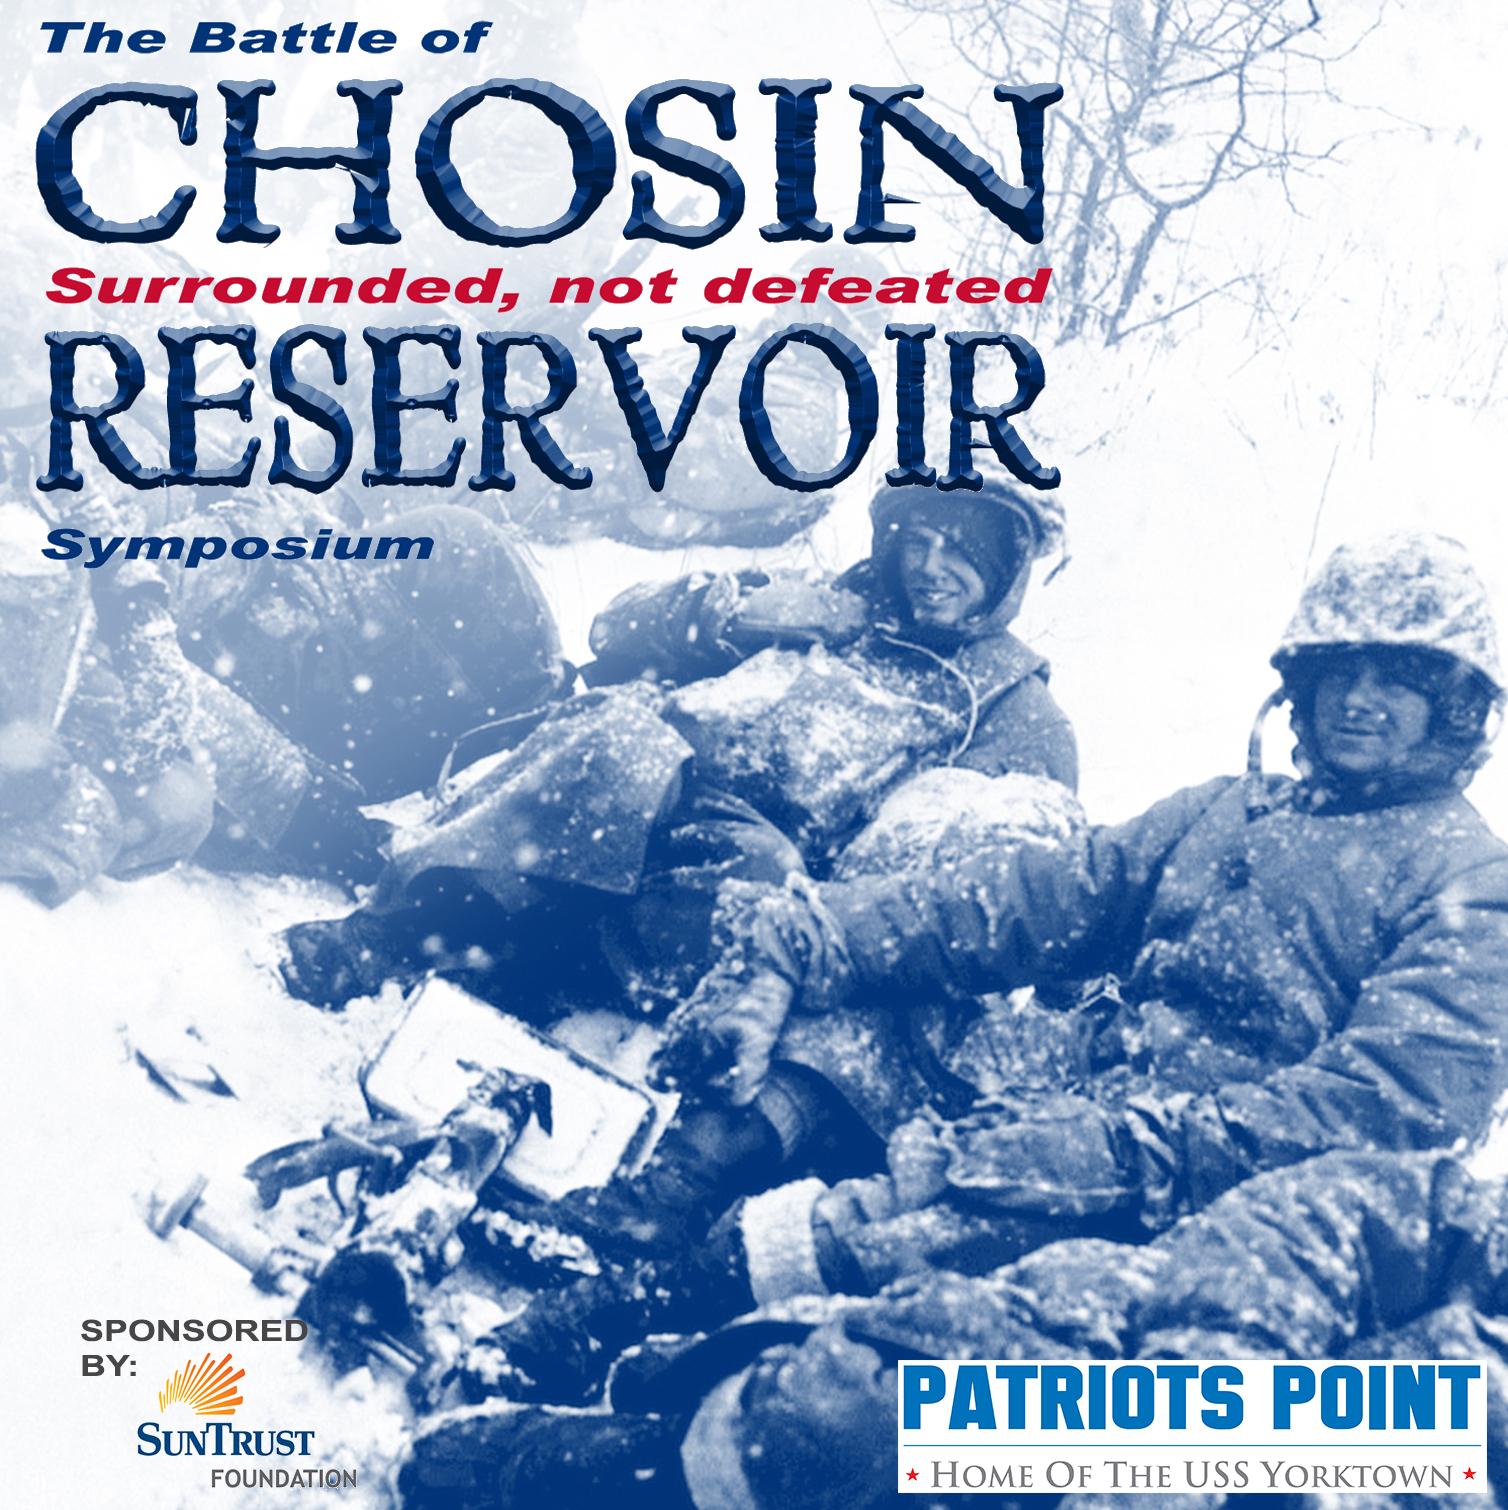 Battle Of Chosin Reservoir Korean War Symposium Patriots Point